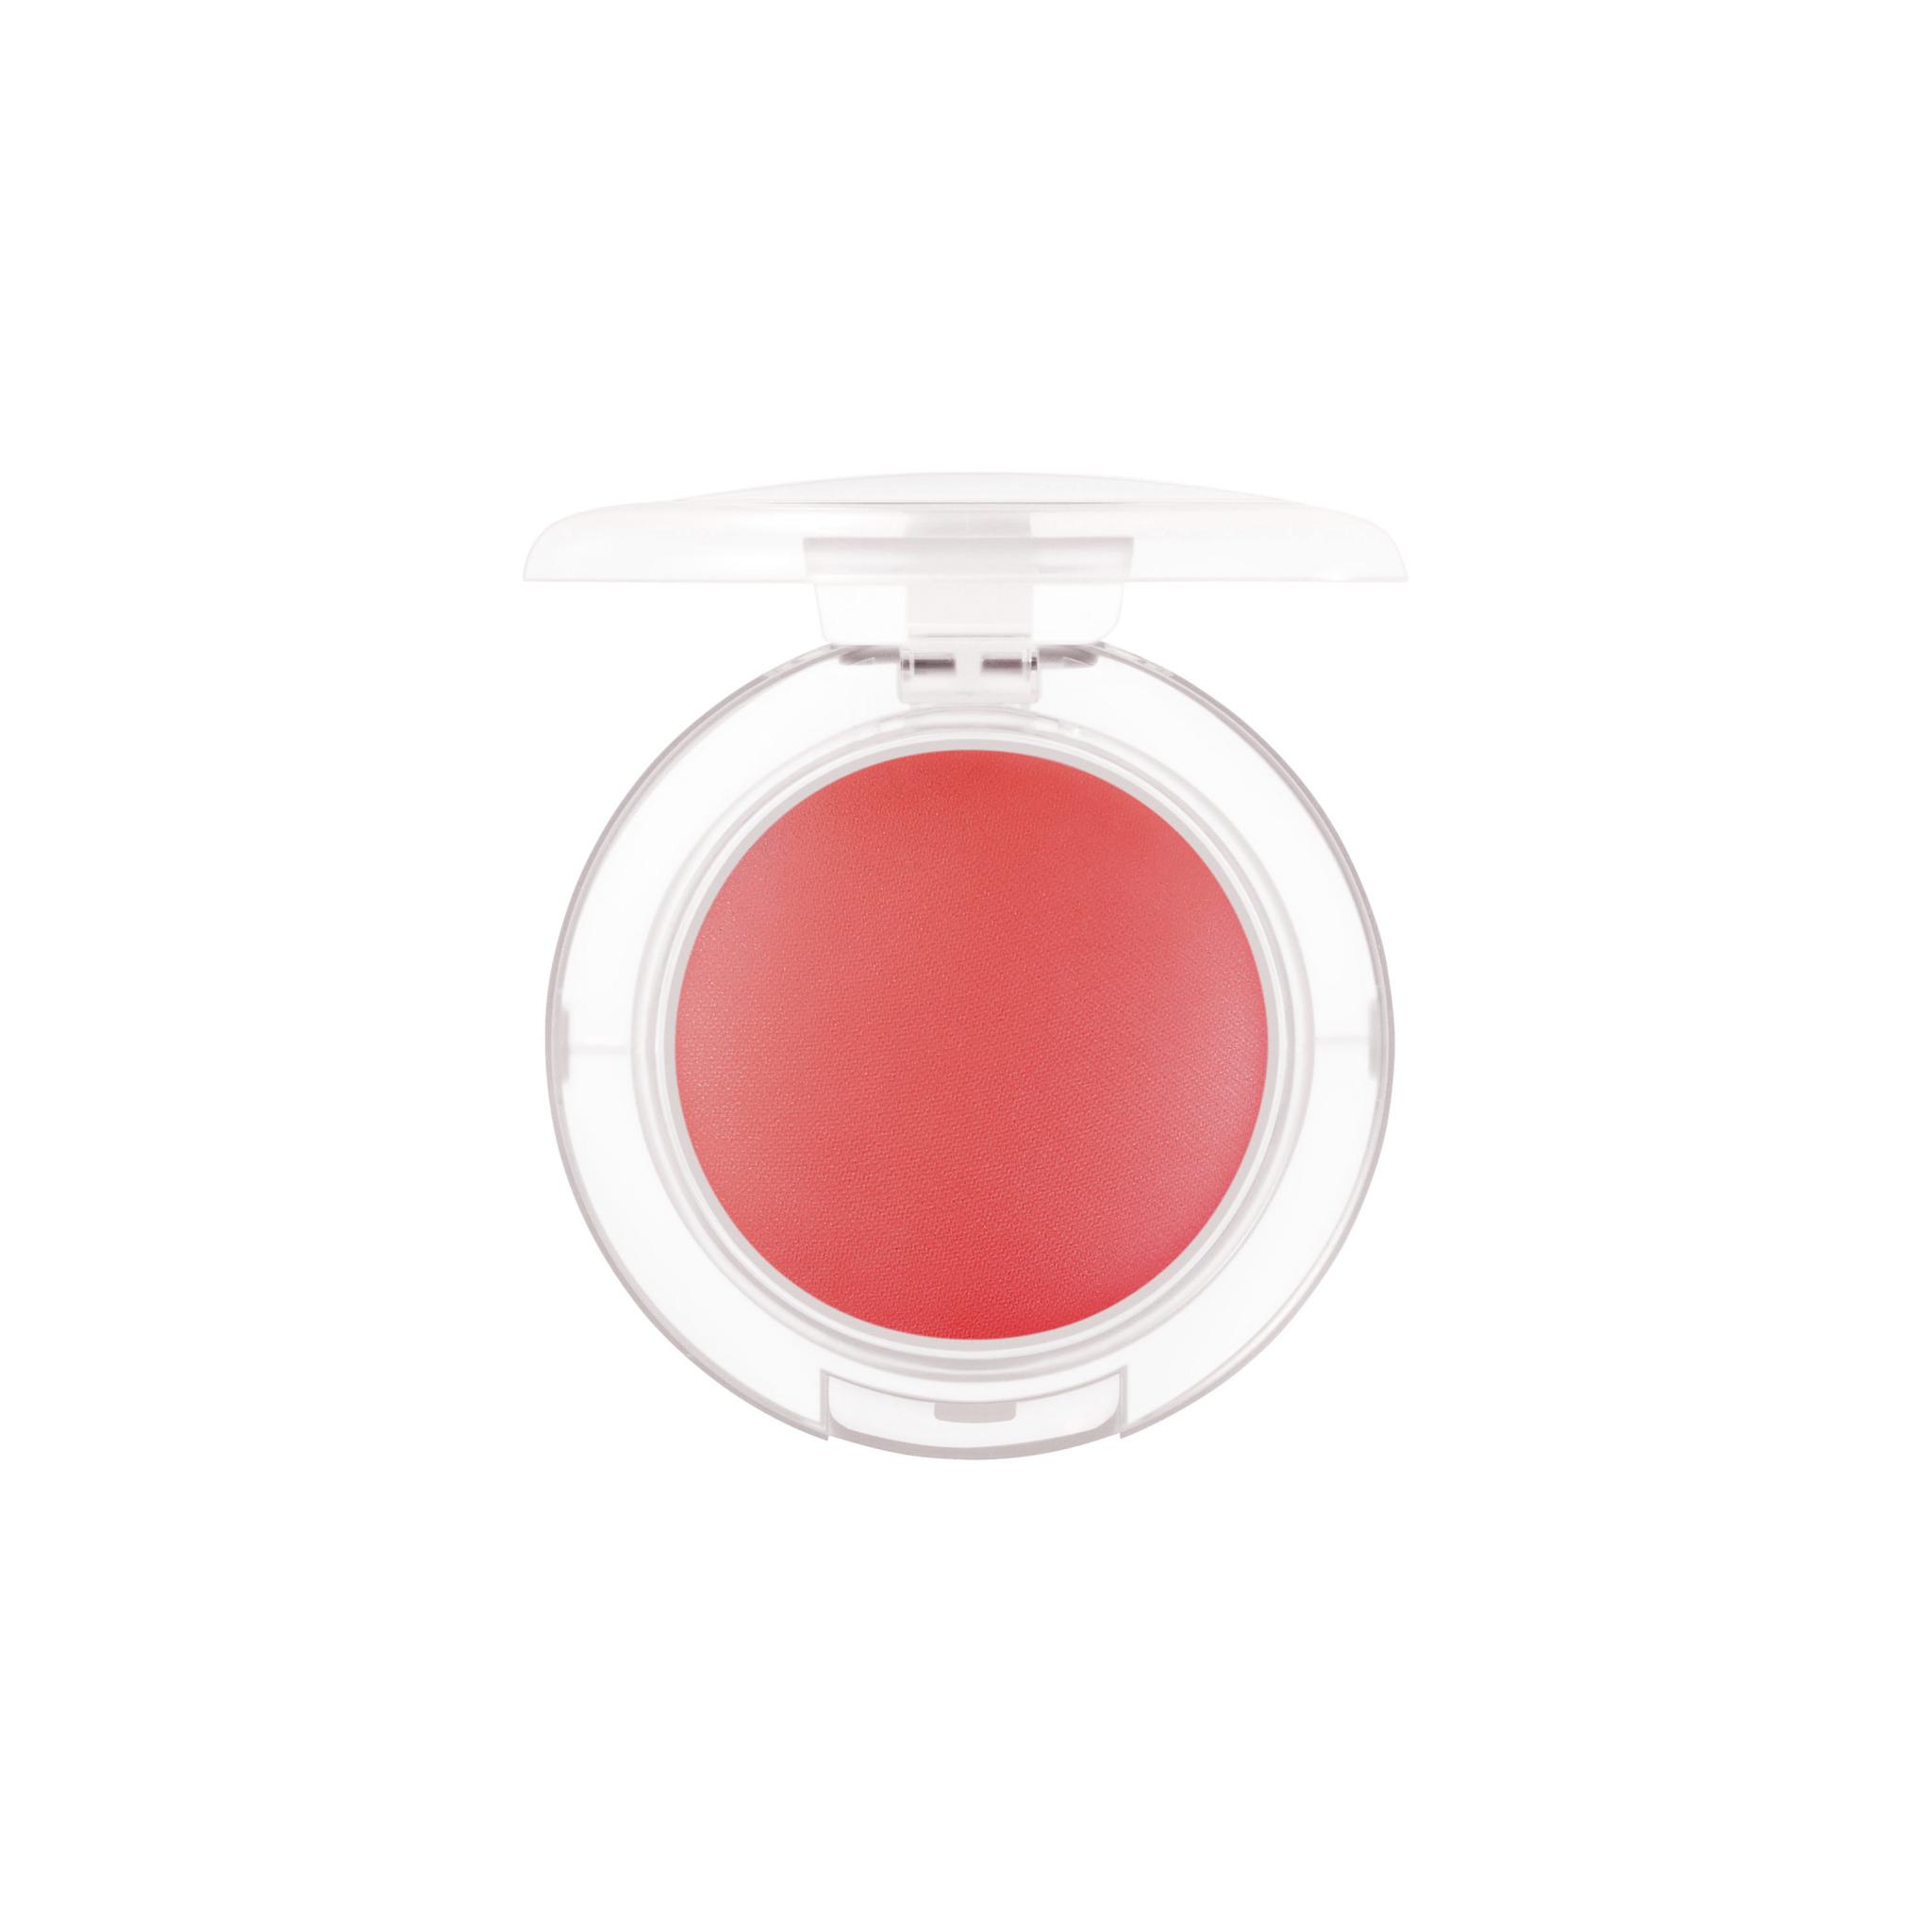 MAC Glow Play Blush, groovy